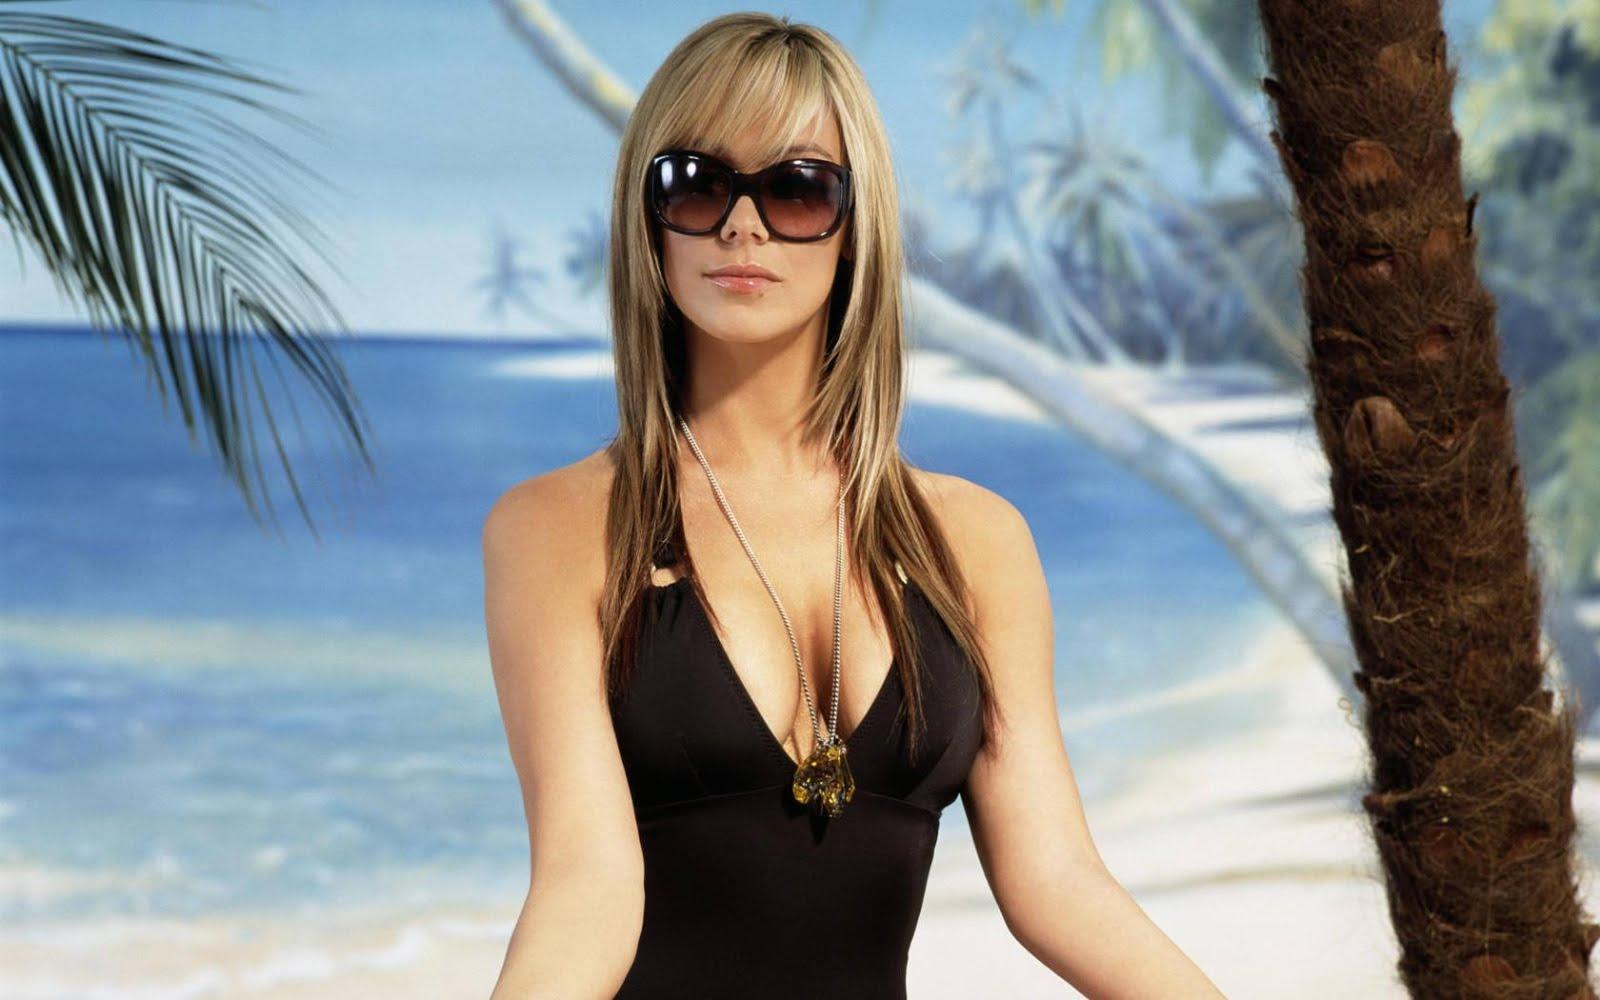 Priyanka Chopra Hot Bikini Ashley Greene Popularity Role Alic